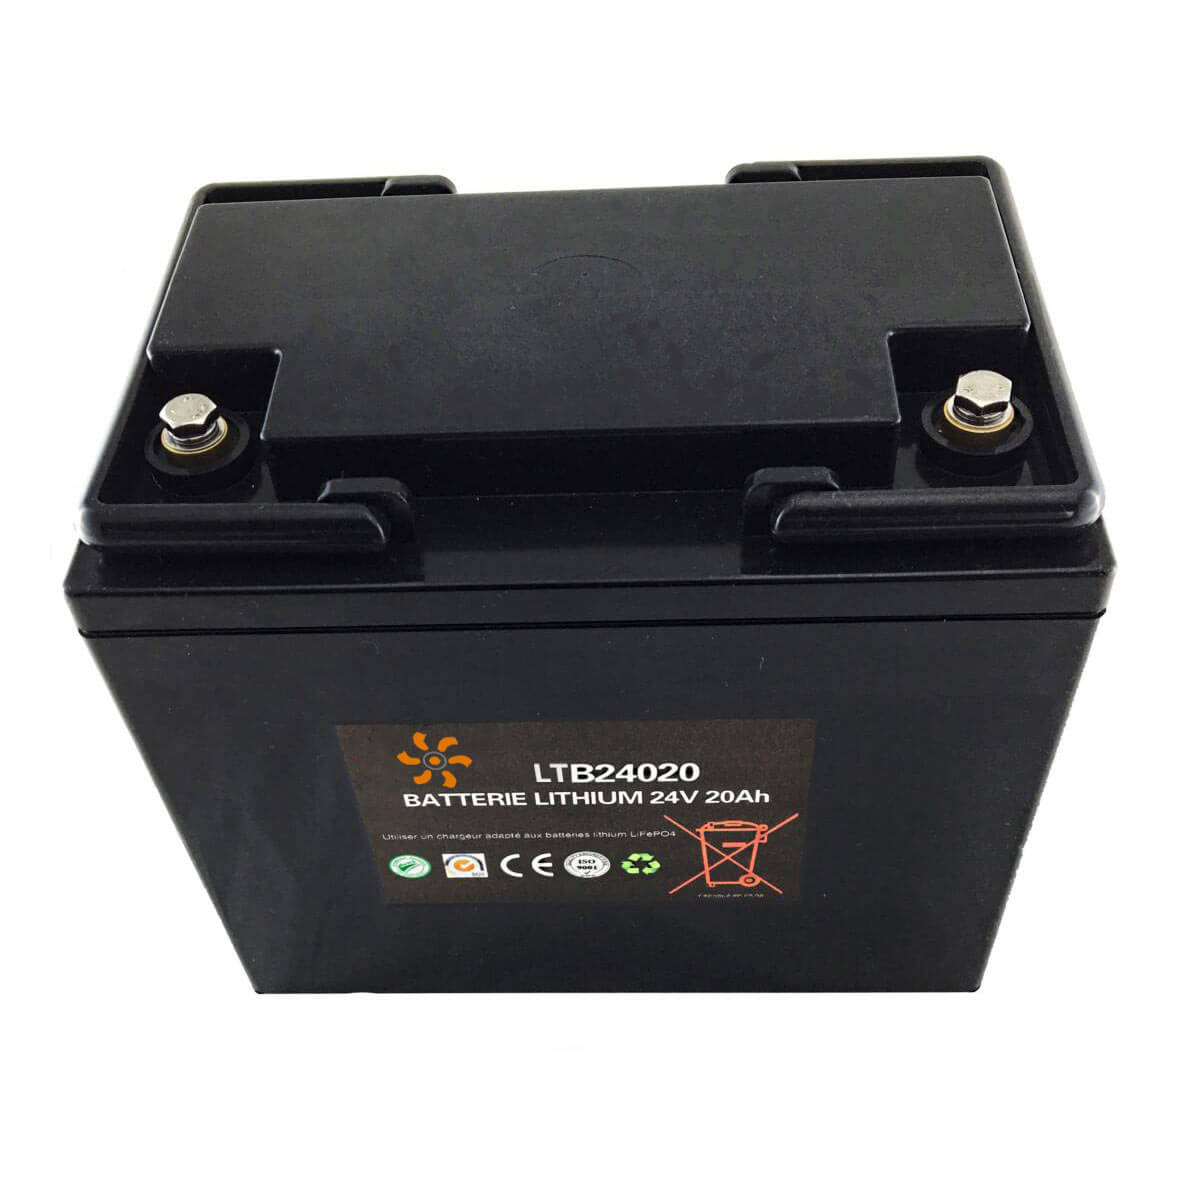 Batterie lithium 24V 20Ah